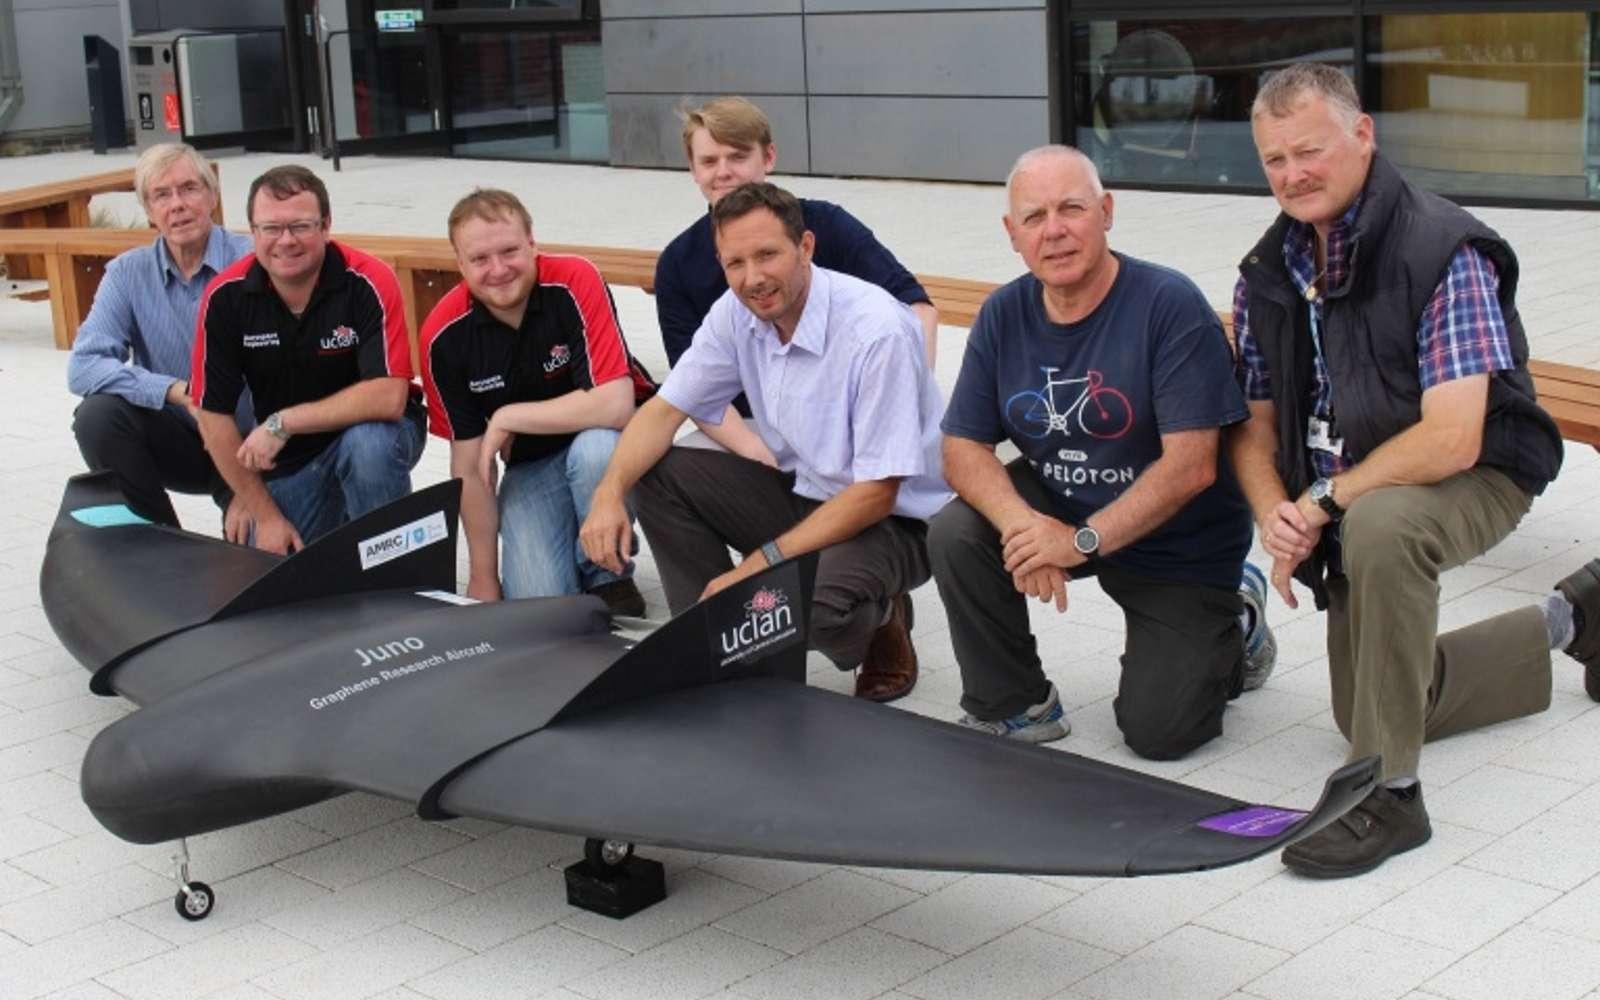 L'équipe de scientifiques de L'UCLan autour de son drone aile-volante revêtu de graphène. © UCLan